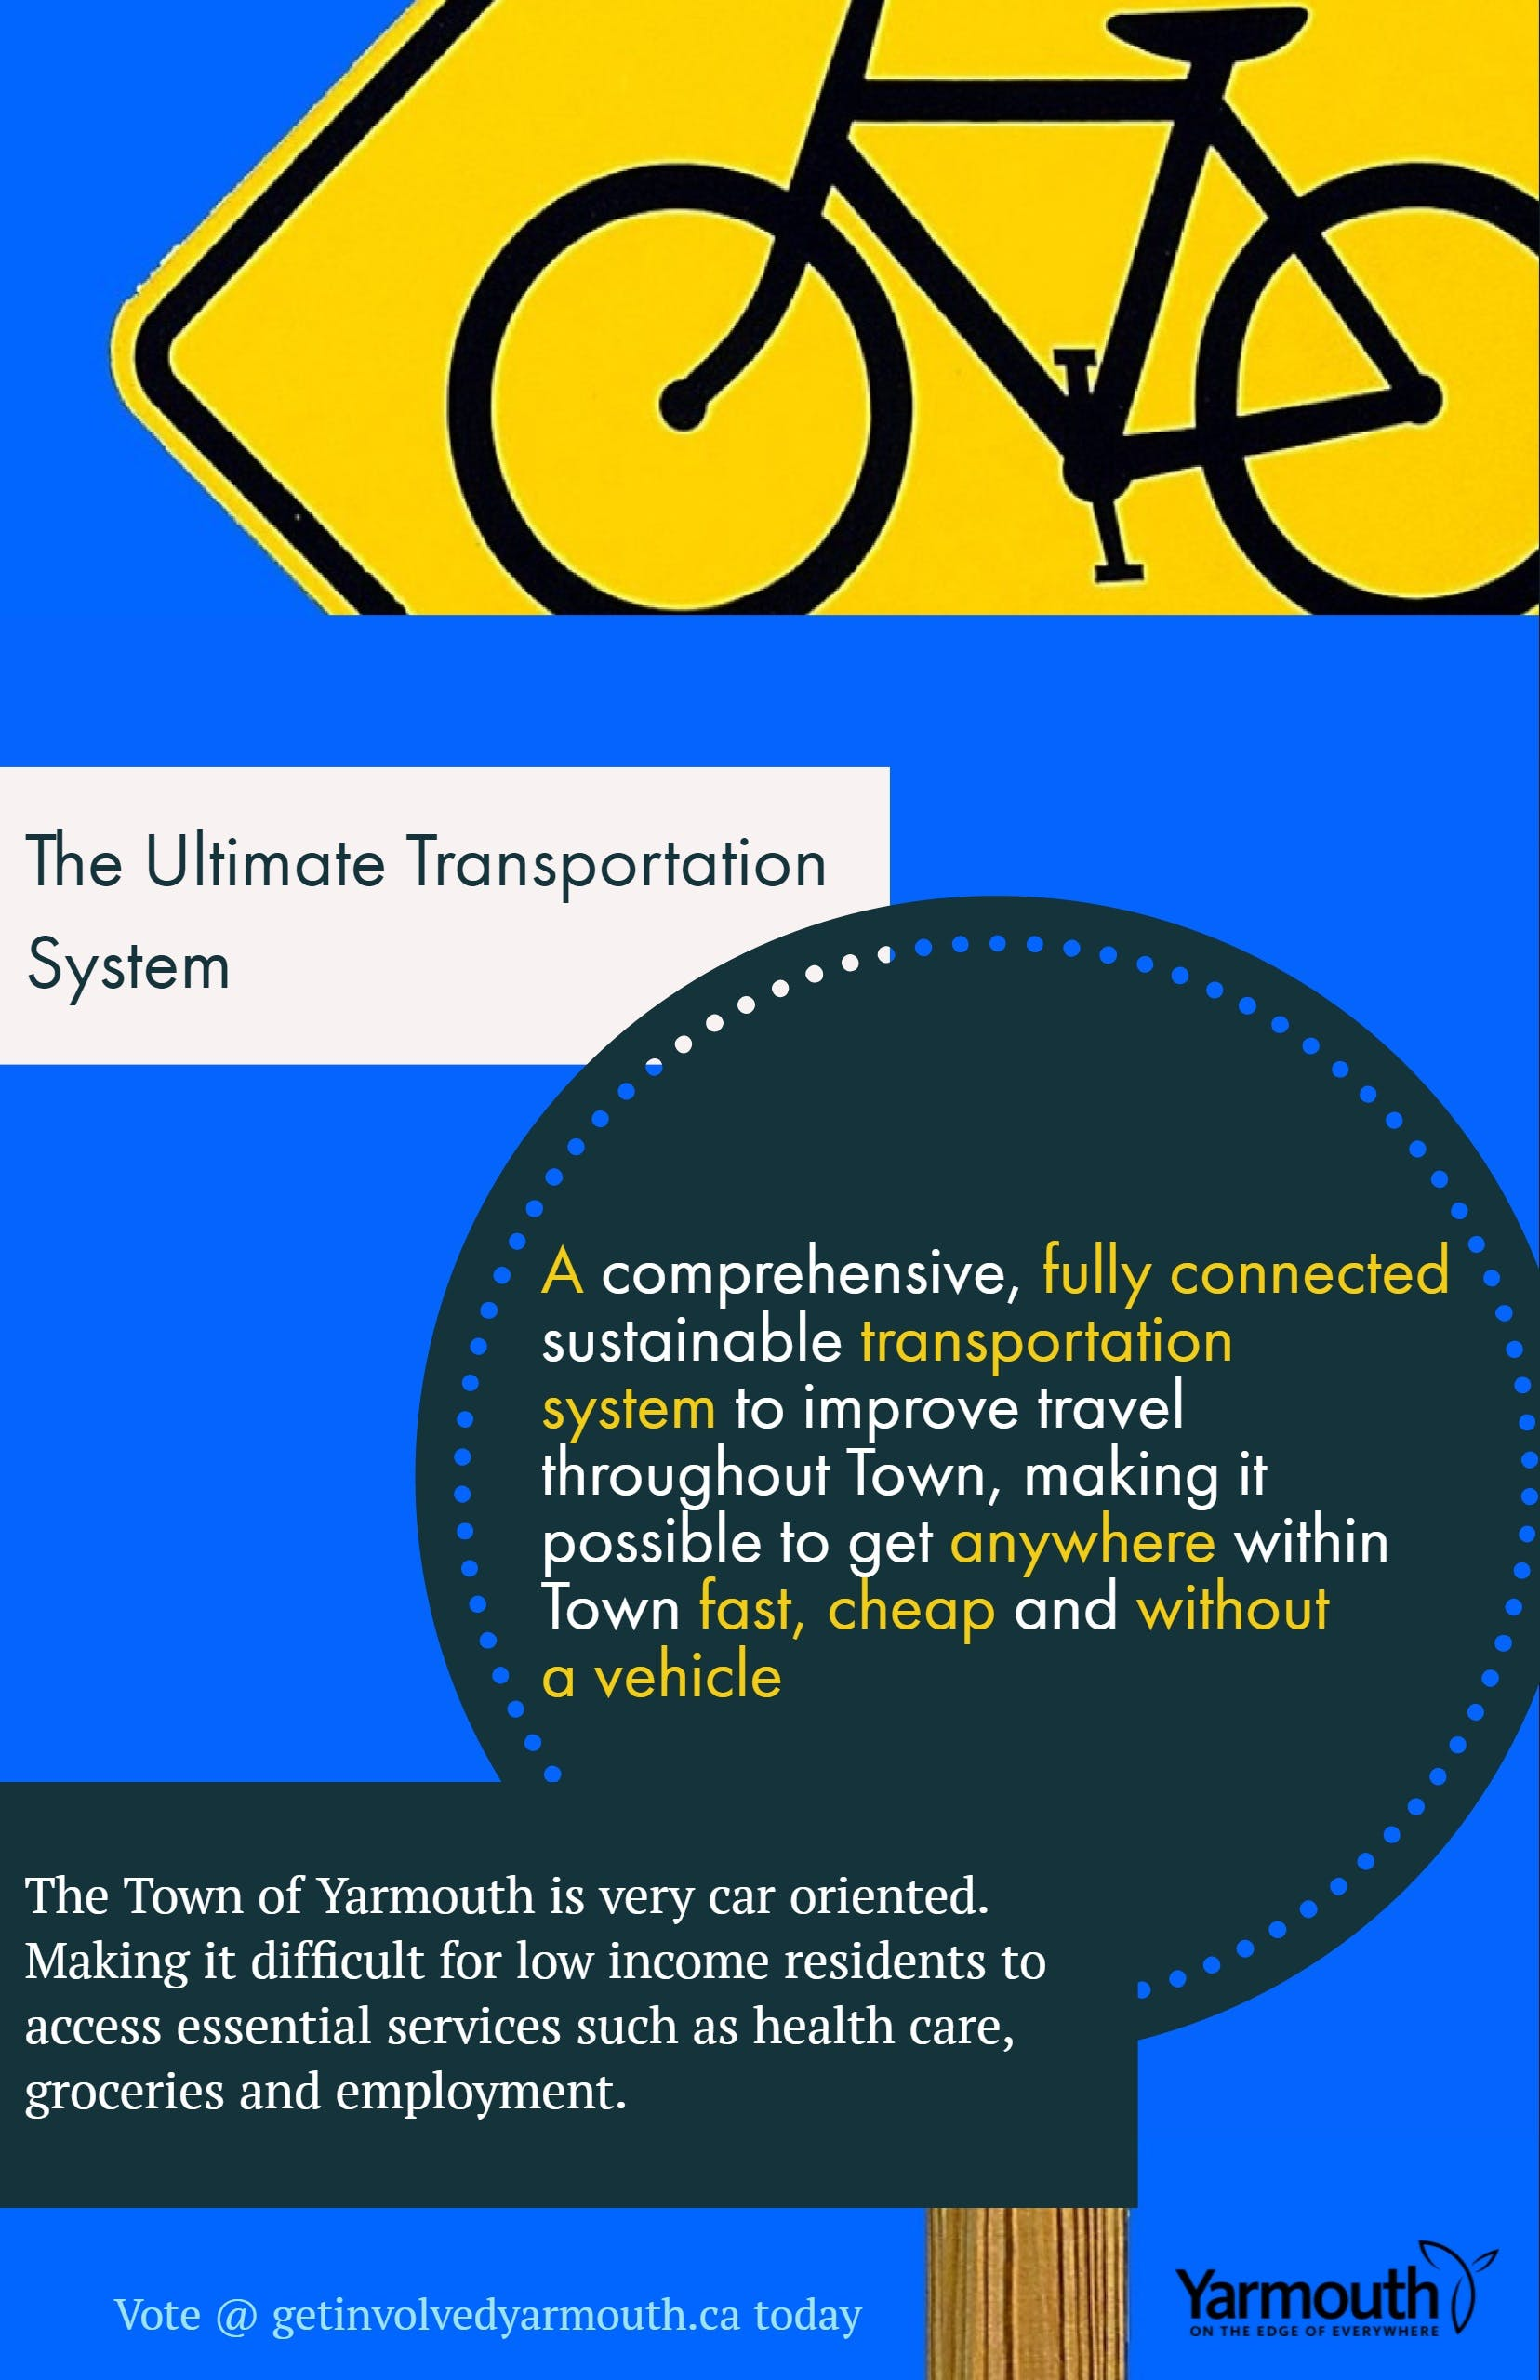 Smart City Poster -Transportation Idea